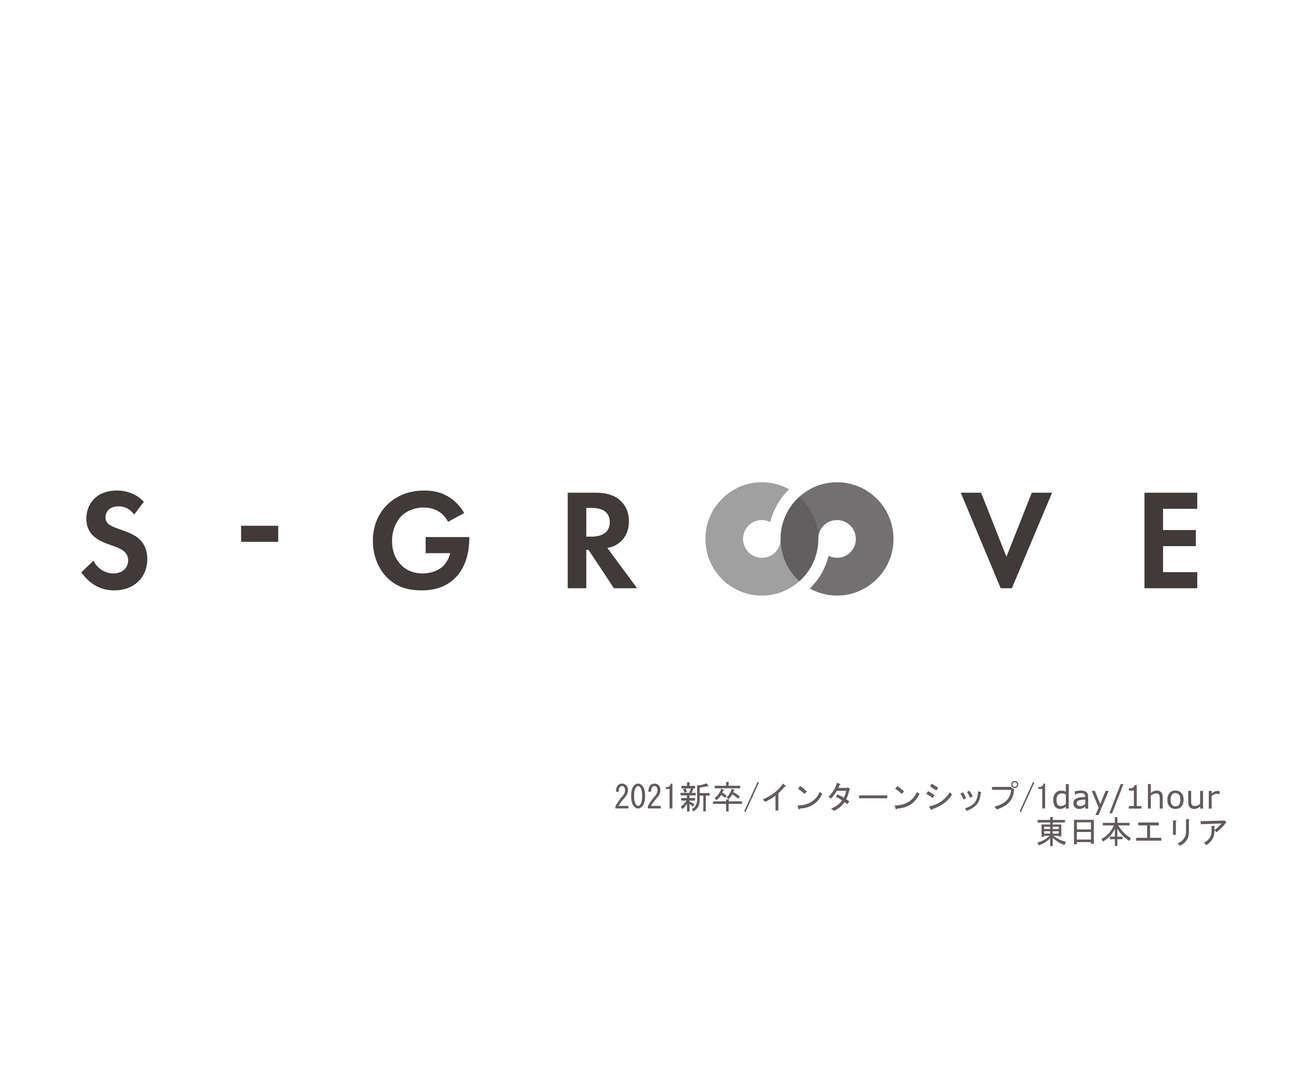 2021新卒/インターンシップ/1day/1hour 展示会ご招待【関東エリア】のカバー写真